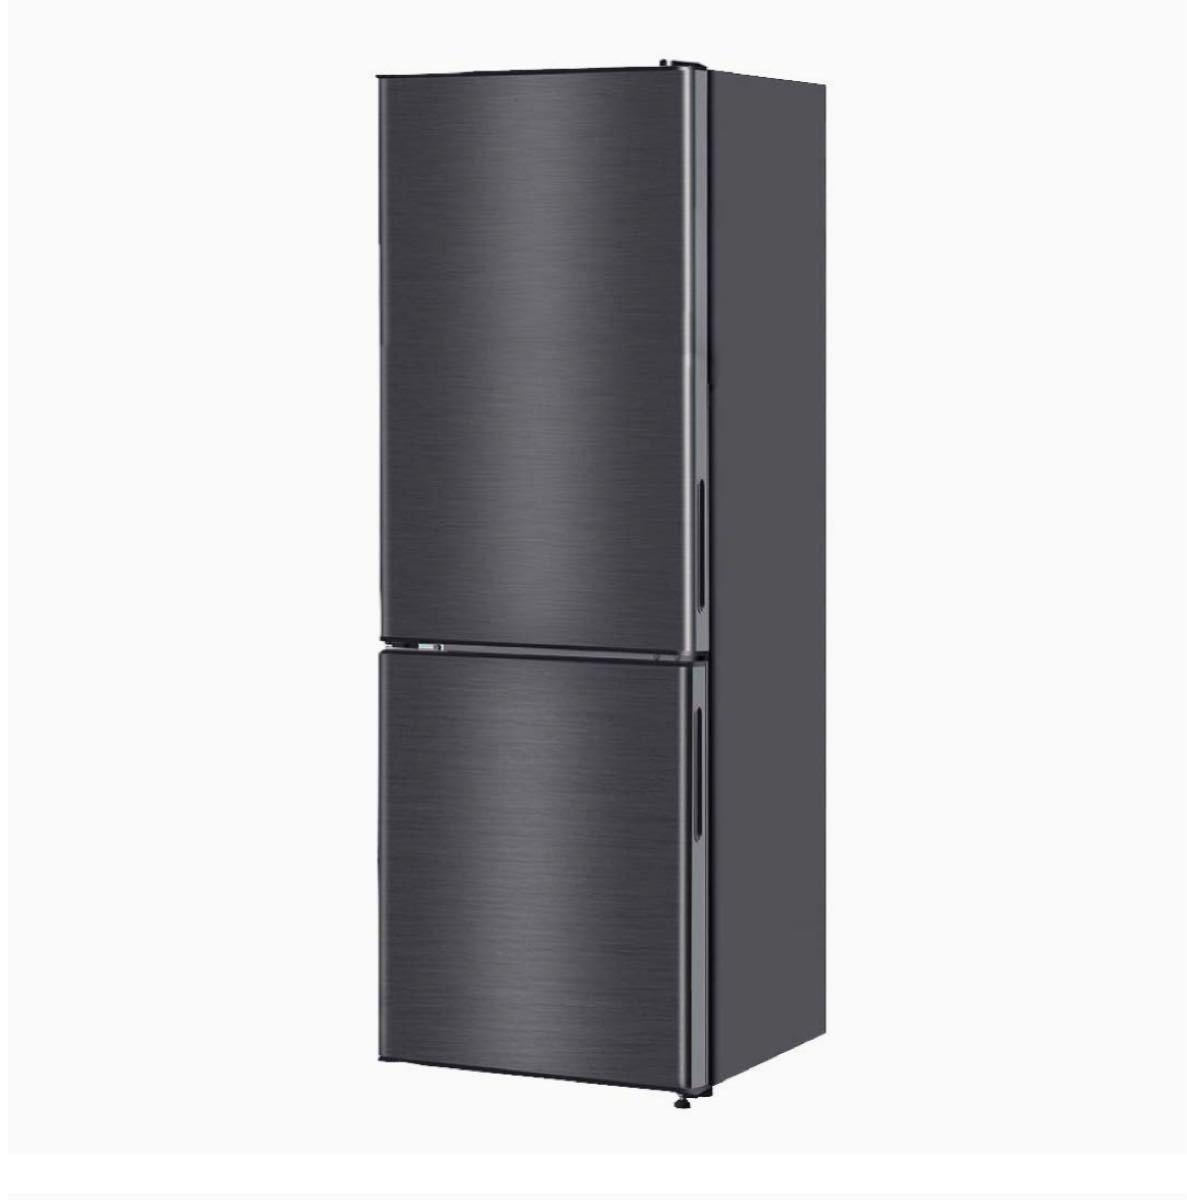 【値下げ可能!】冷蔵庫 157L 大容量 2ドア コンパクトガンメタリック 黒